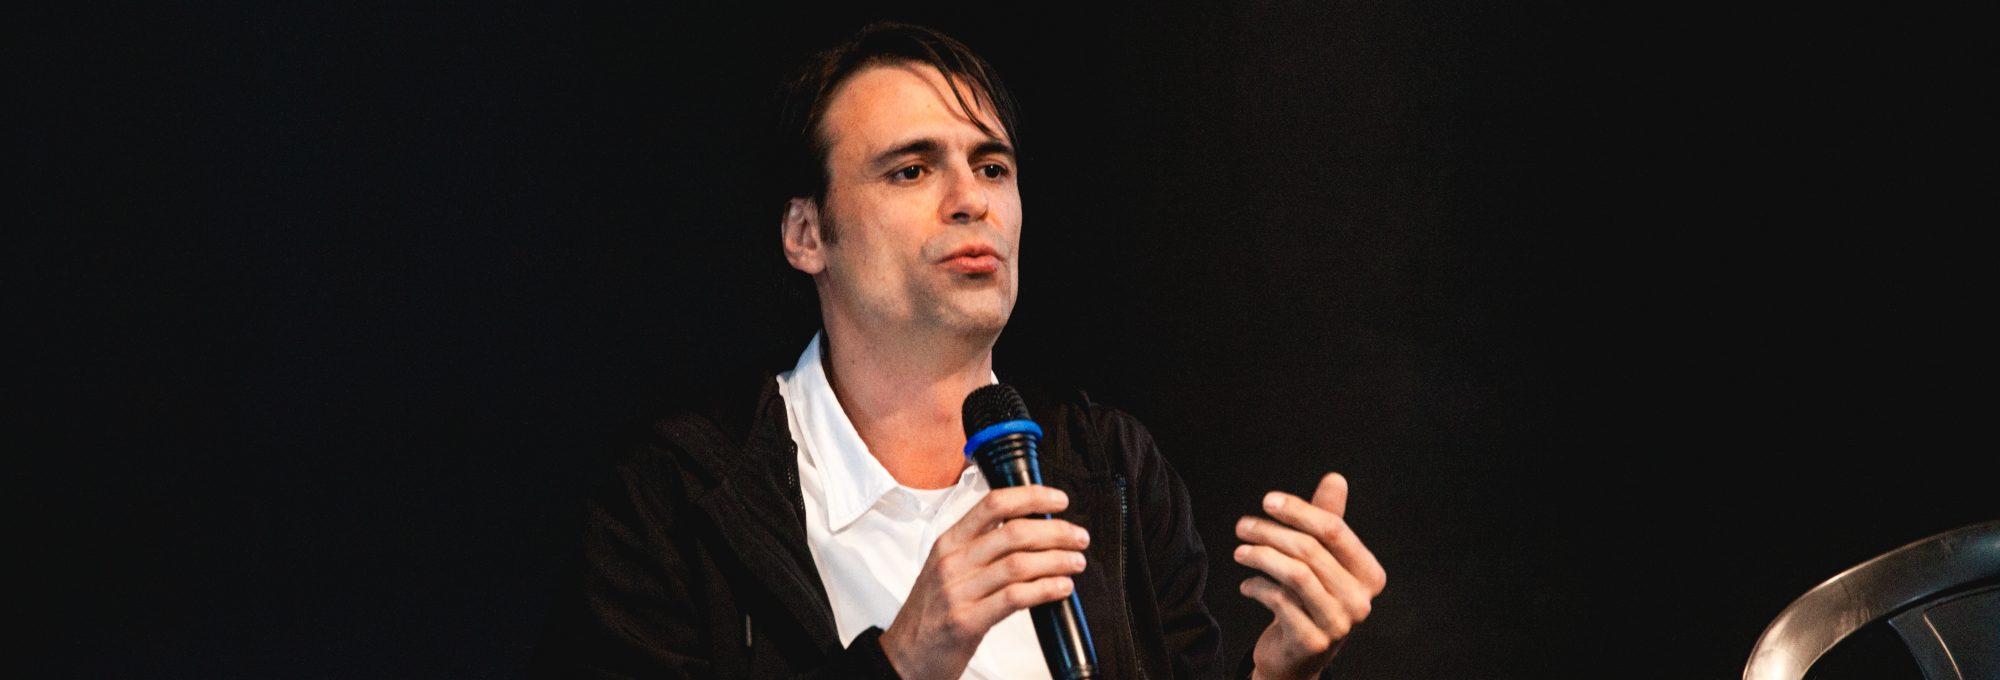 Caio Gullane <br> A importância da gestão em projetos audiovisuais